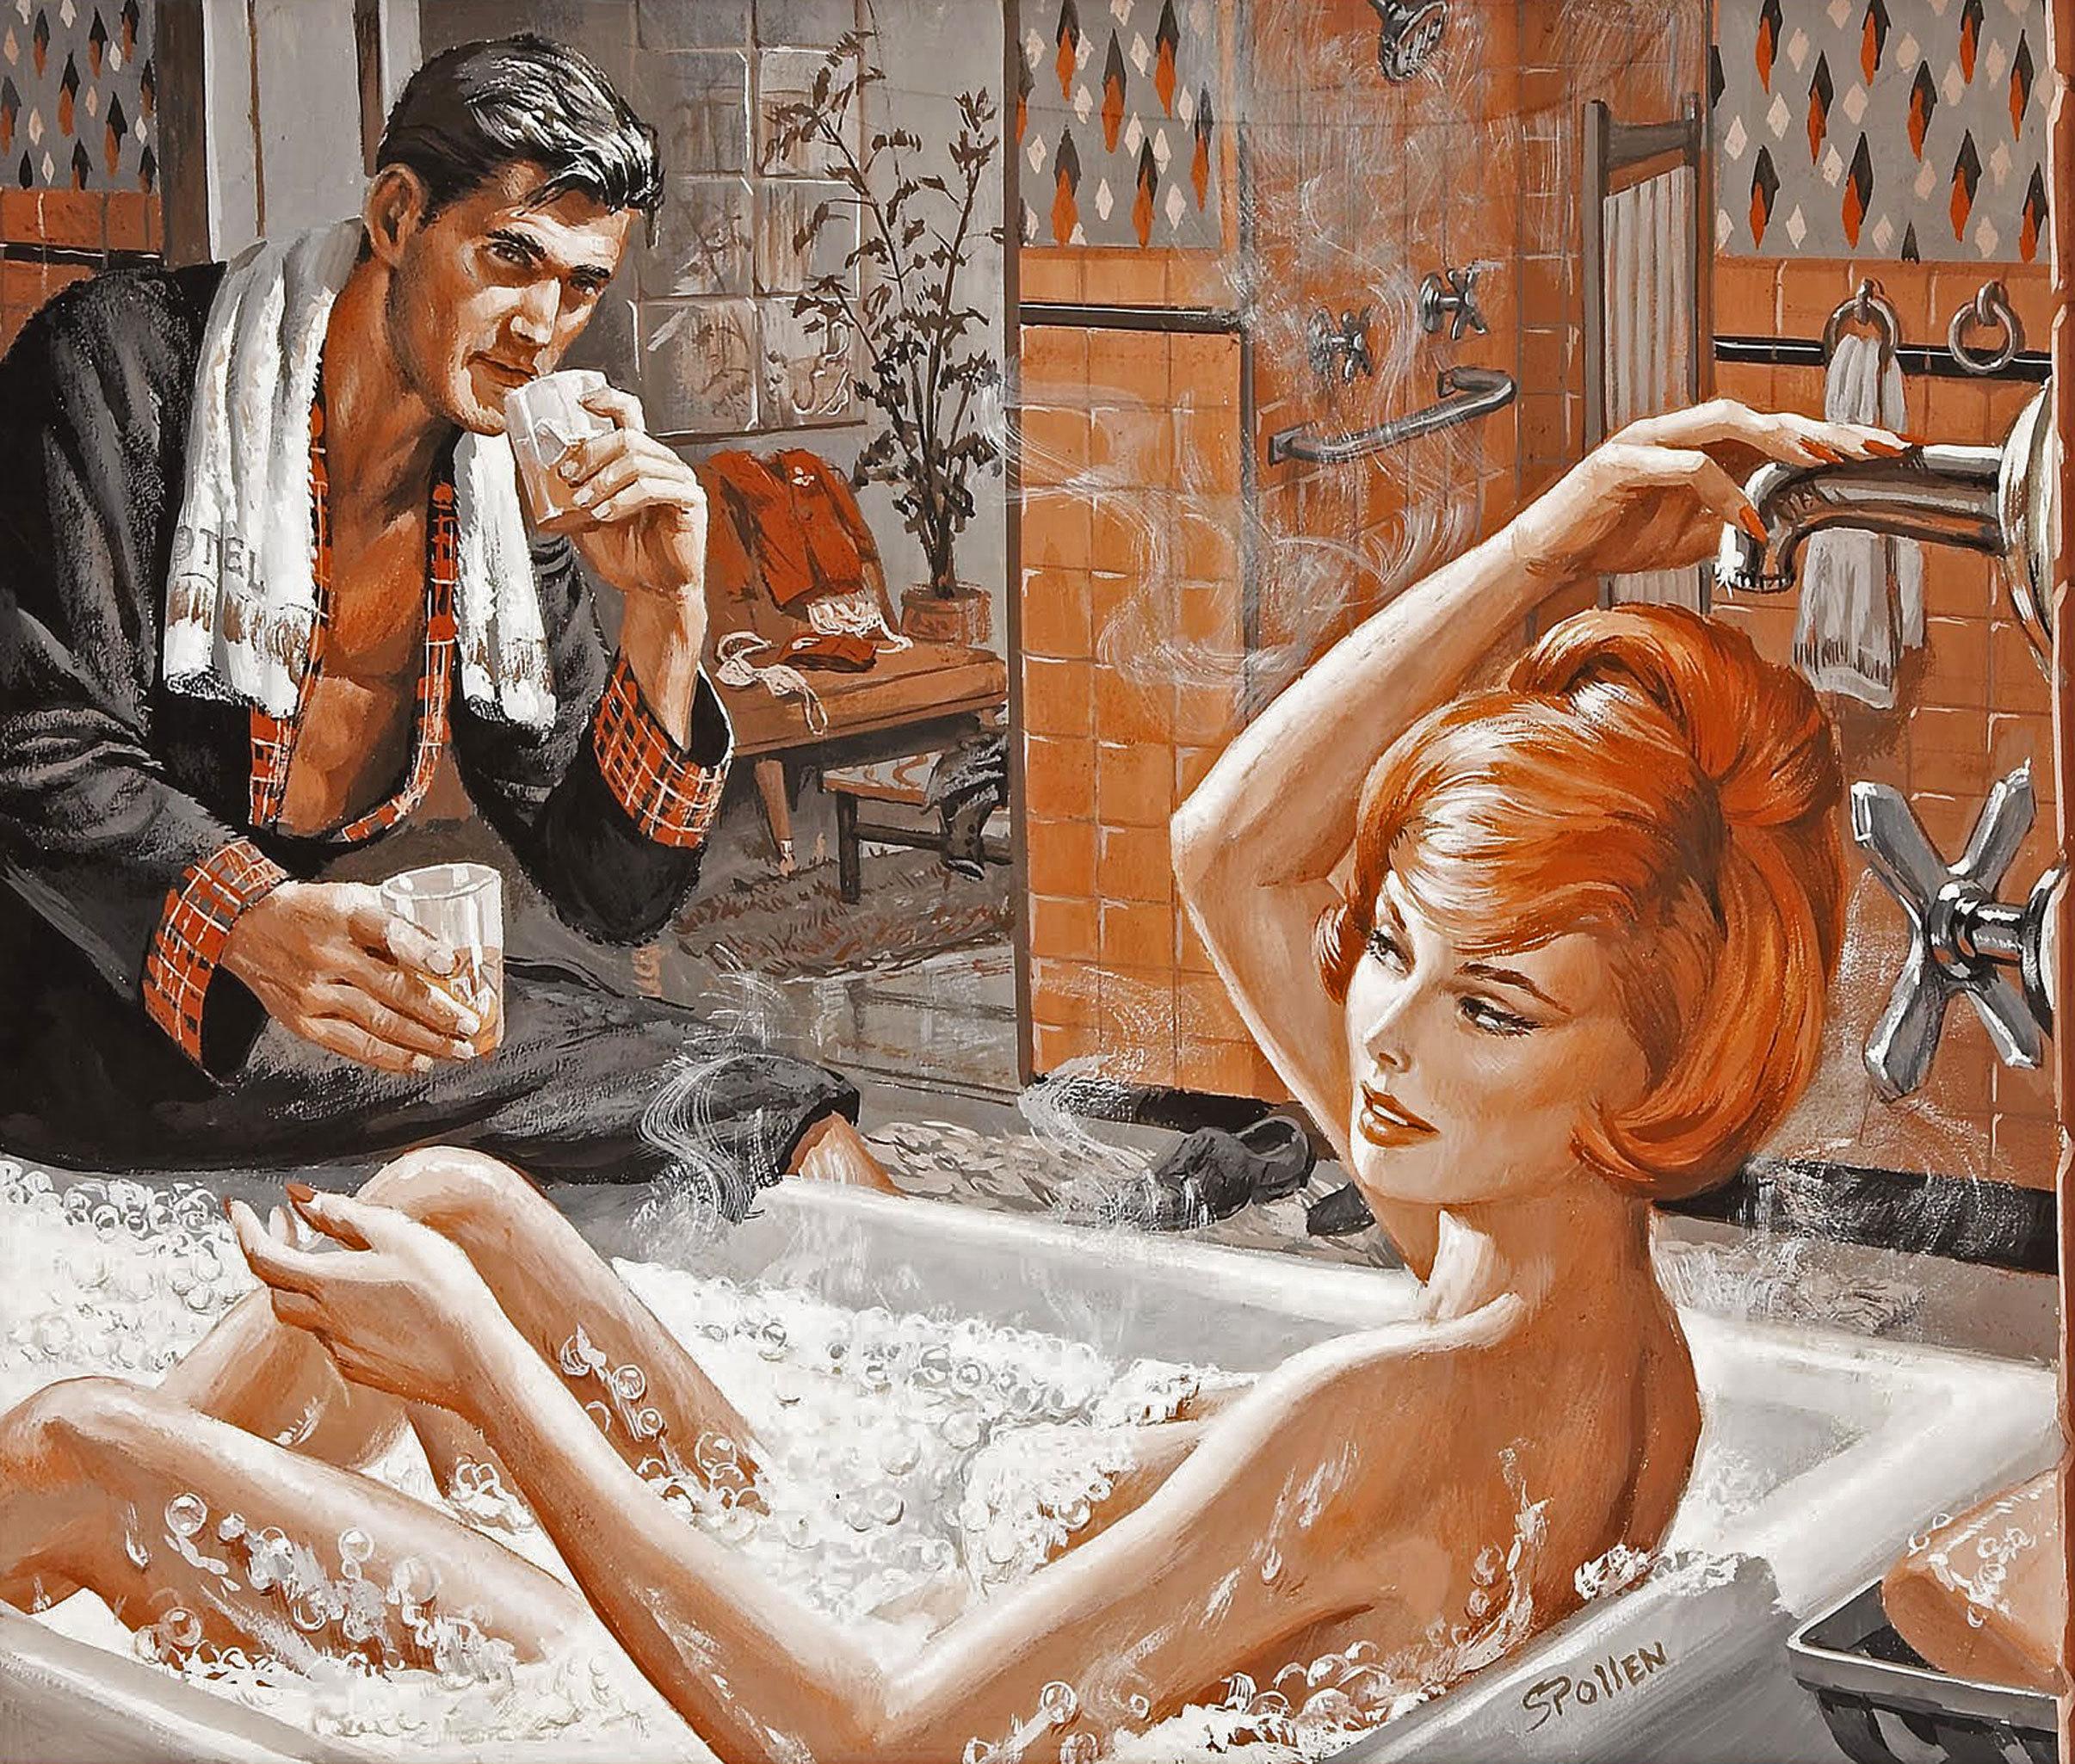 Девушка принимает ванну, попивая шампанское  258288